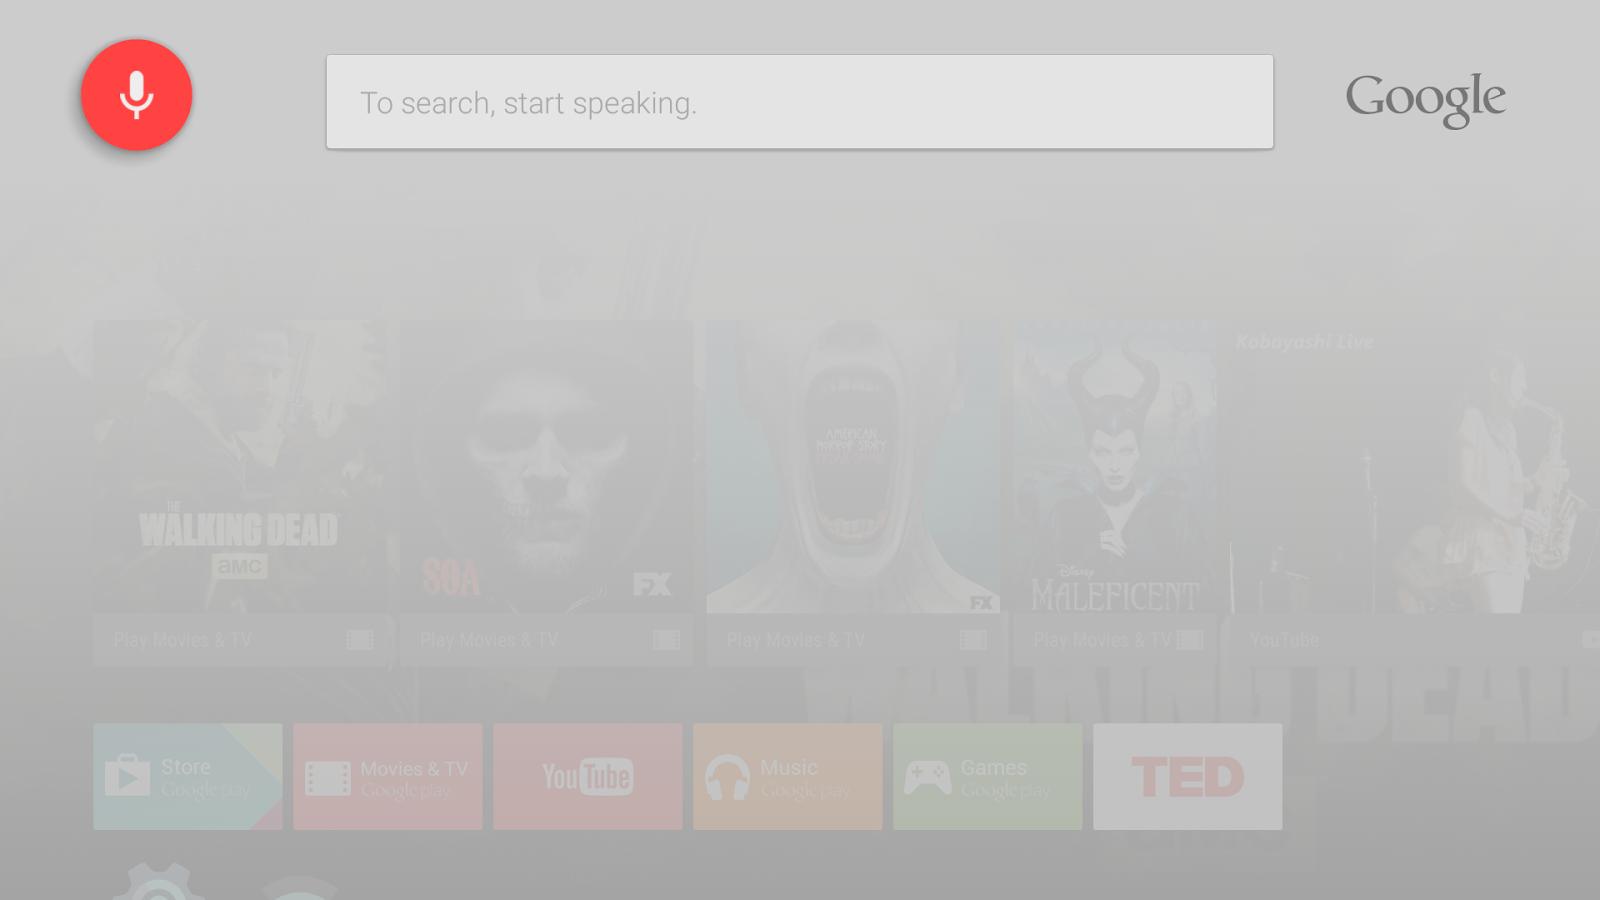 Uso de Google Search en Android TV